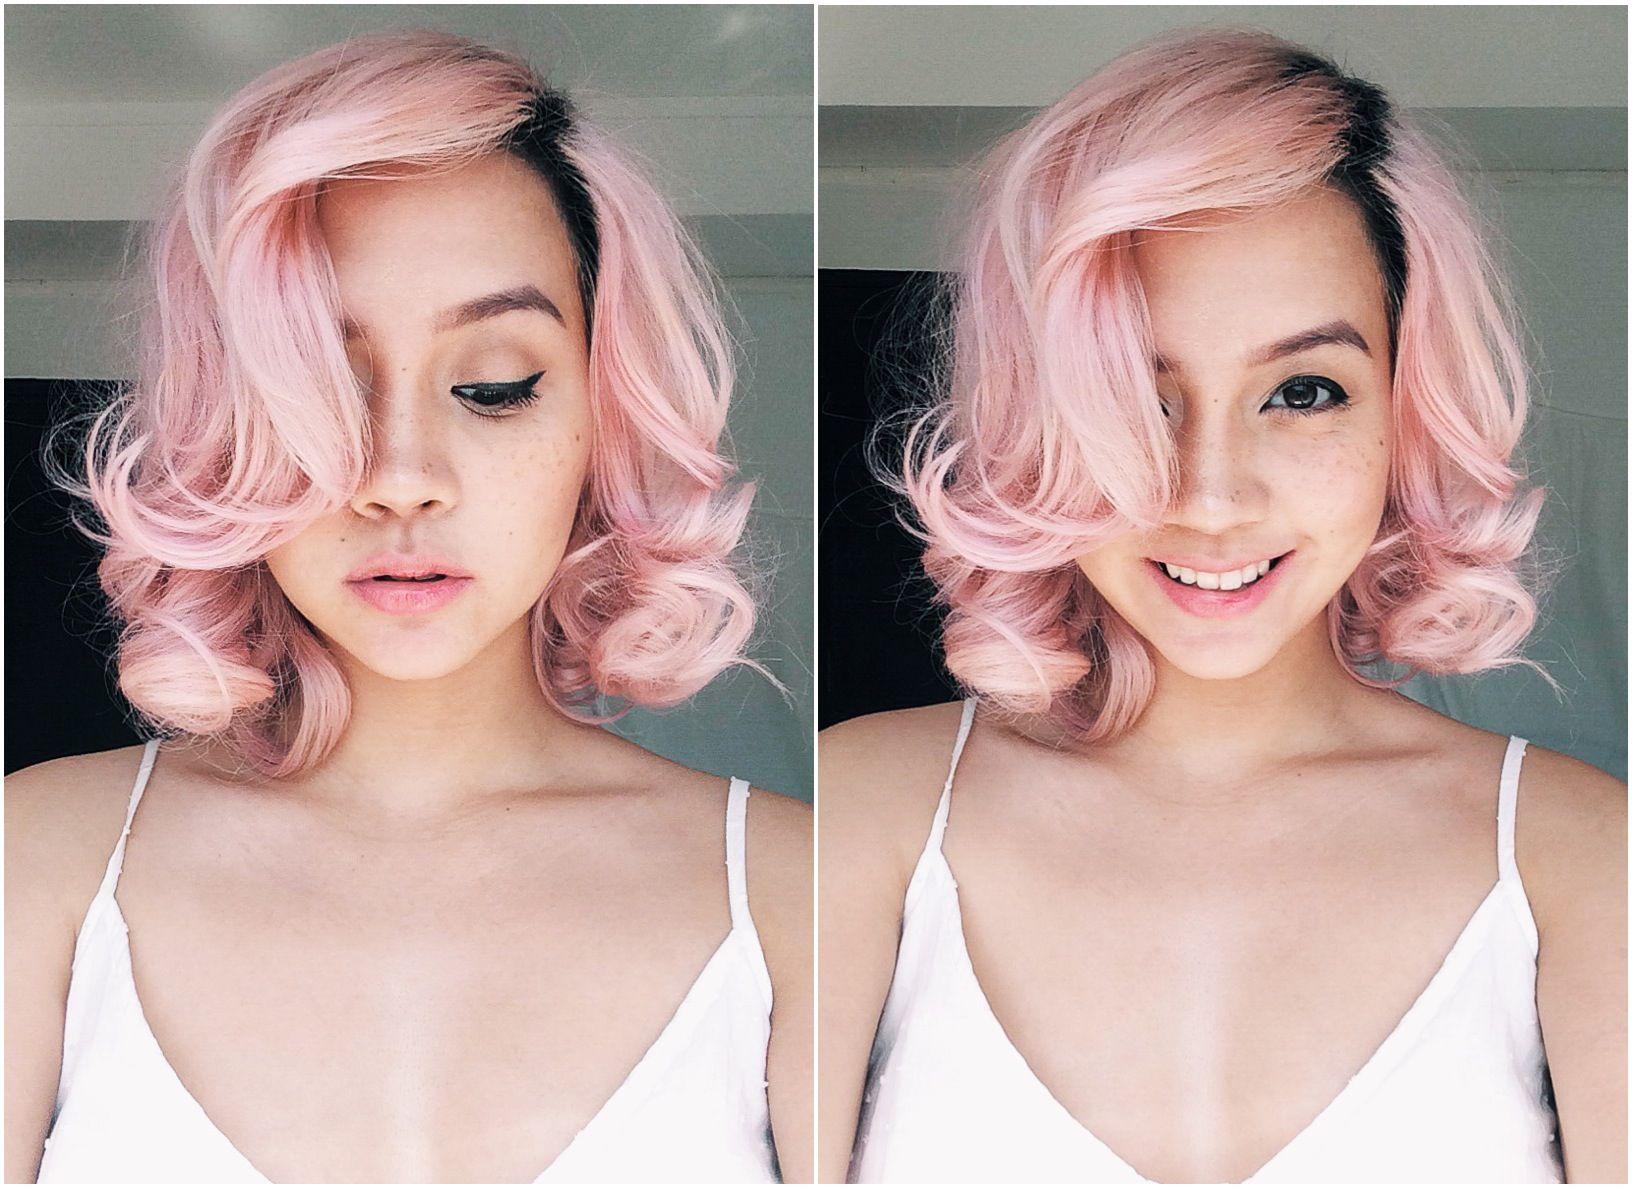 6837478acce18e578be2cb6076d090de Jpg 1632 1188 Light Pink Hair Hair Inspiration Hair Styles